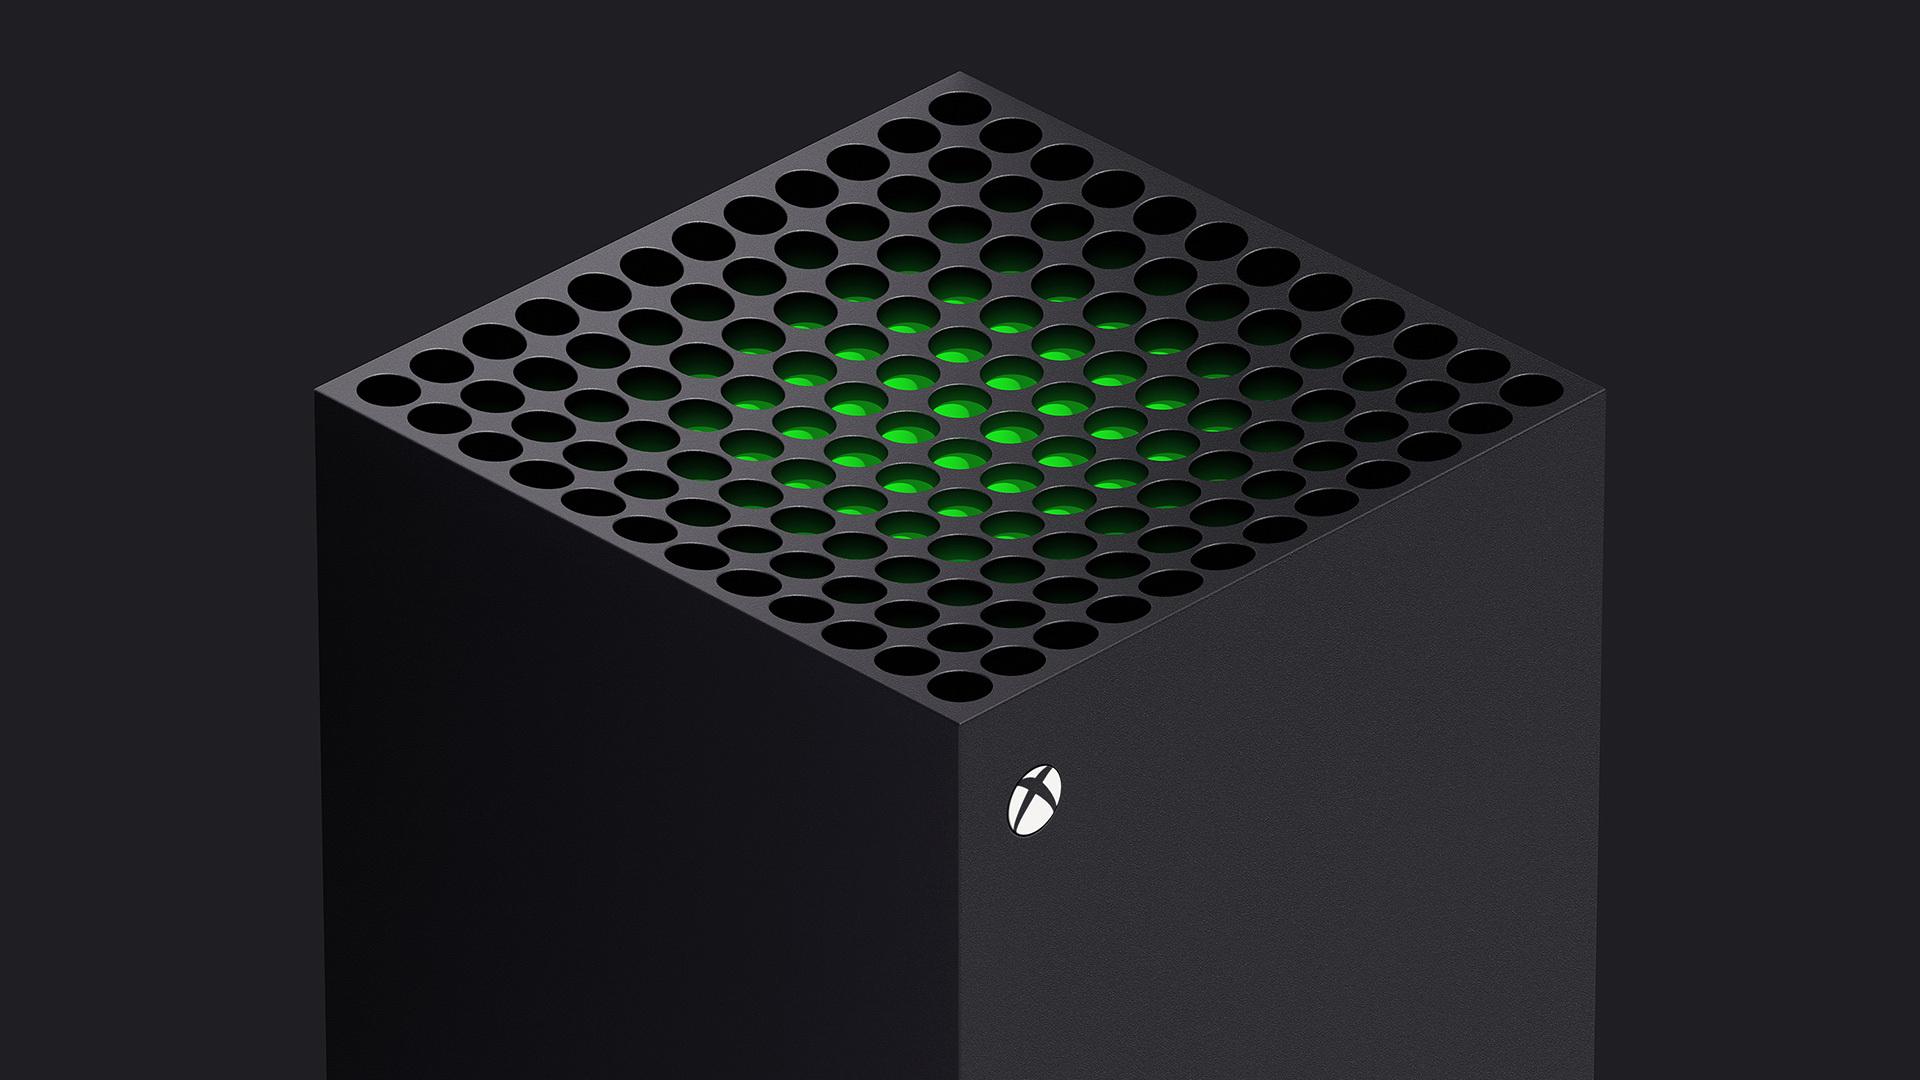 Video For Tout ce qu'il faut savoir sur la Xbox Series X et le futur de Xbox à date